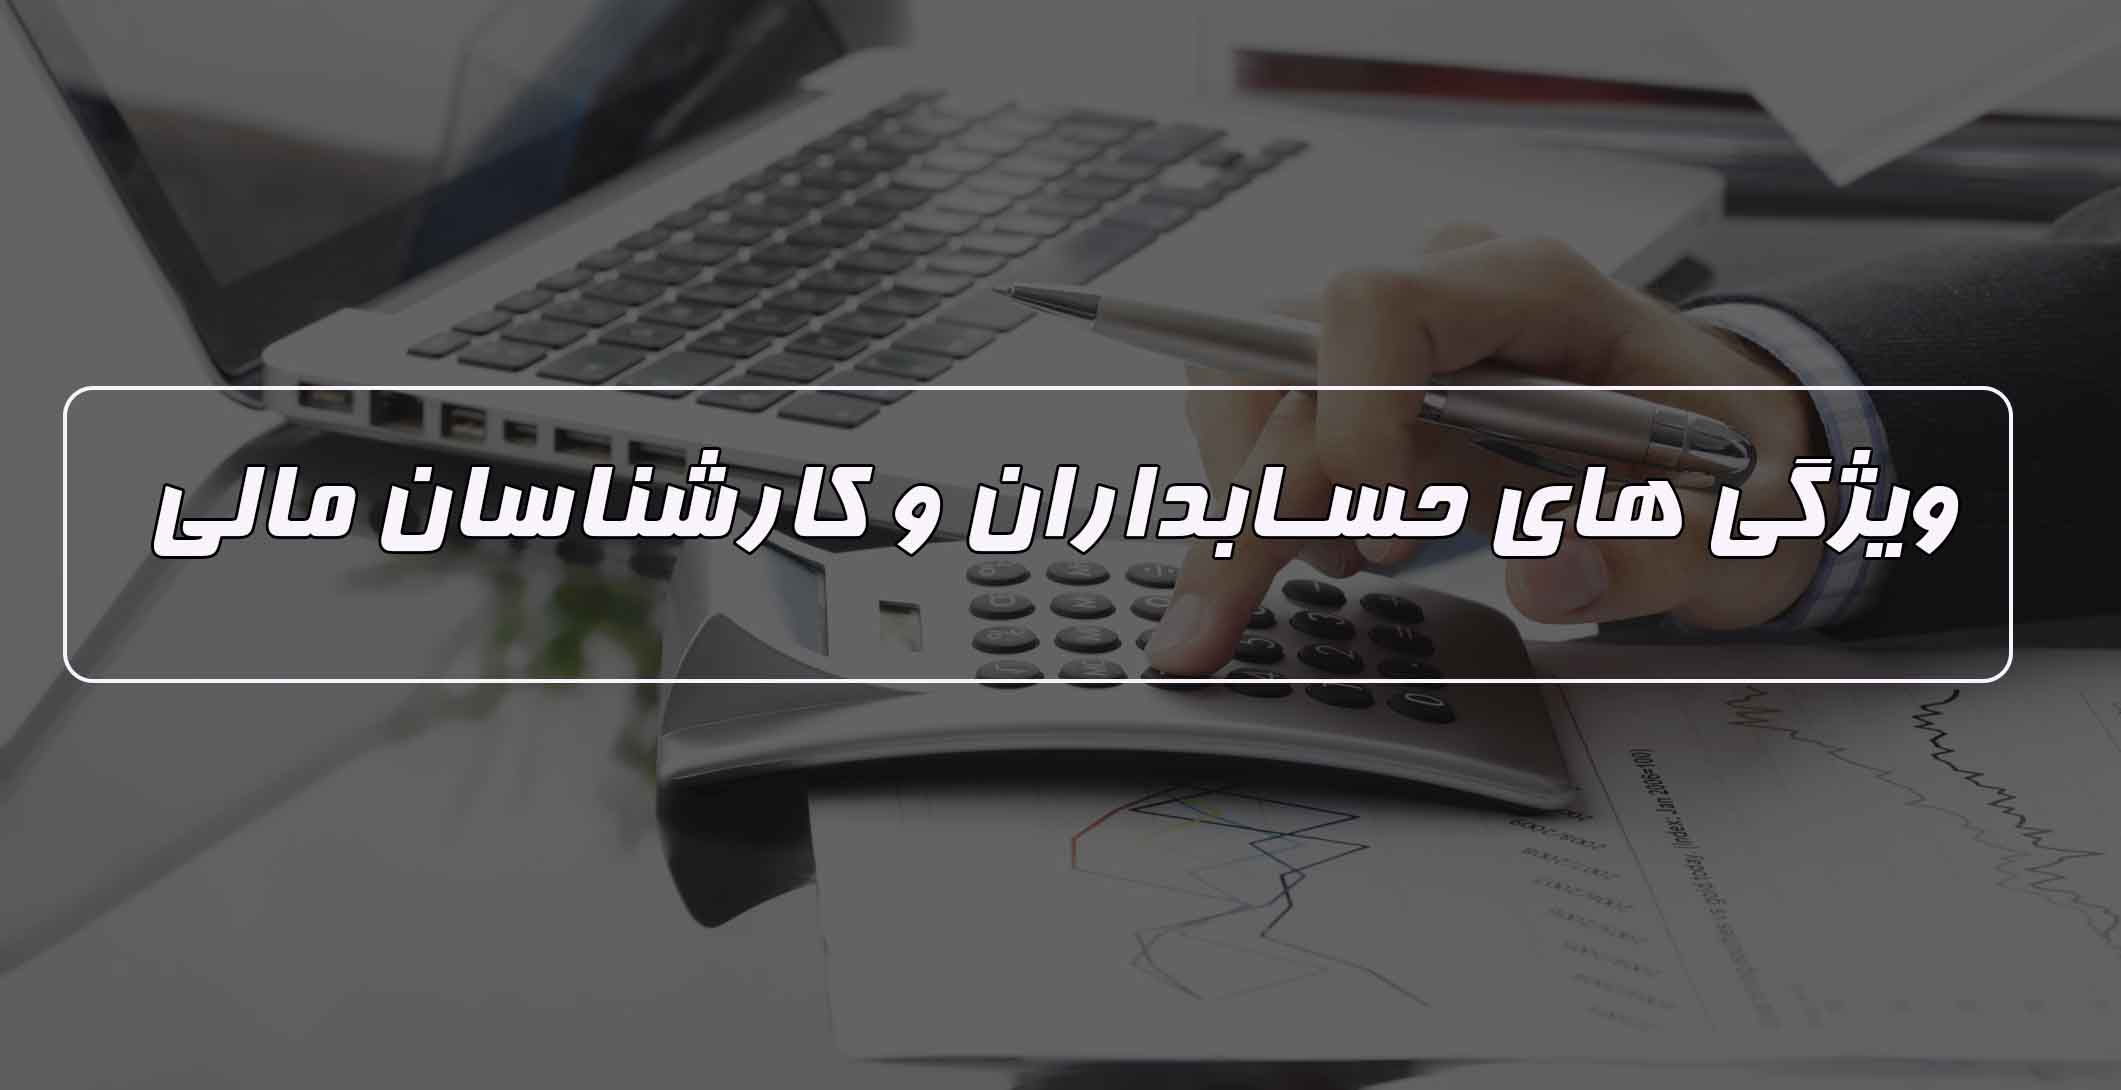 کارشناسان مالی برای کنترل اسناد حسابداری